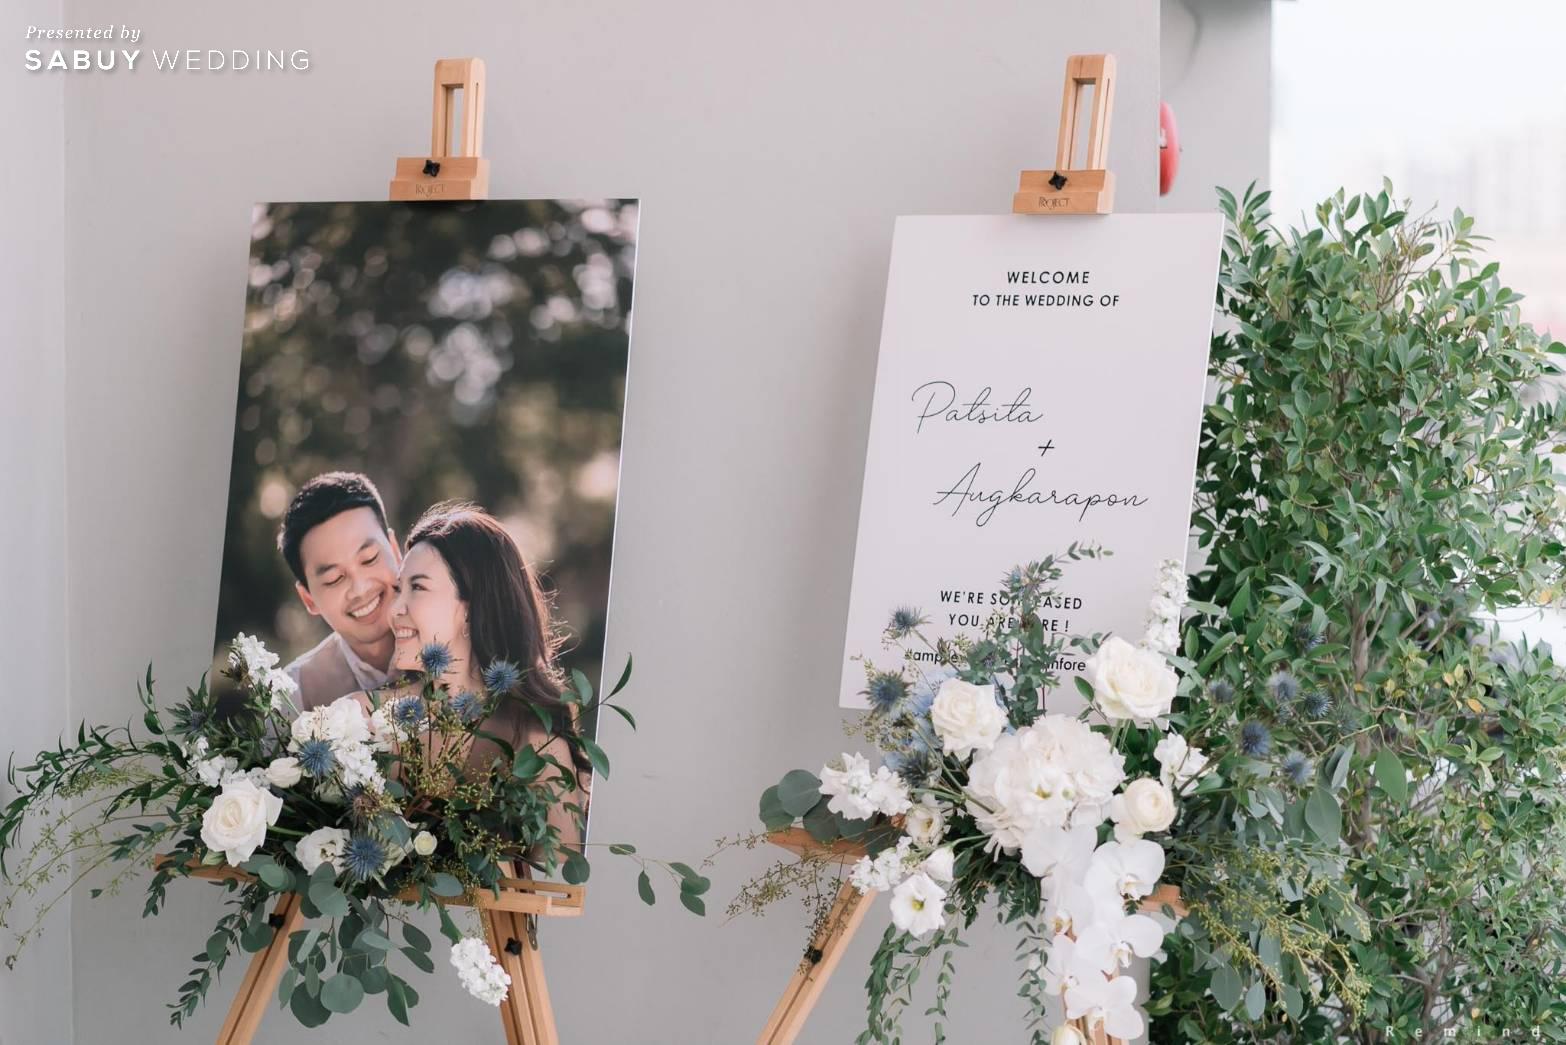 พบกับโปรโมชั่นงานแต่งสุดคุ้ม ในปี 2020 นี้! จาก Hotel Once Bangkok